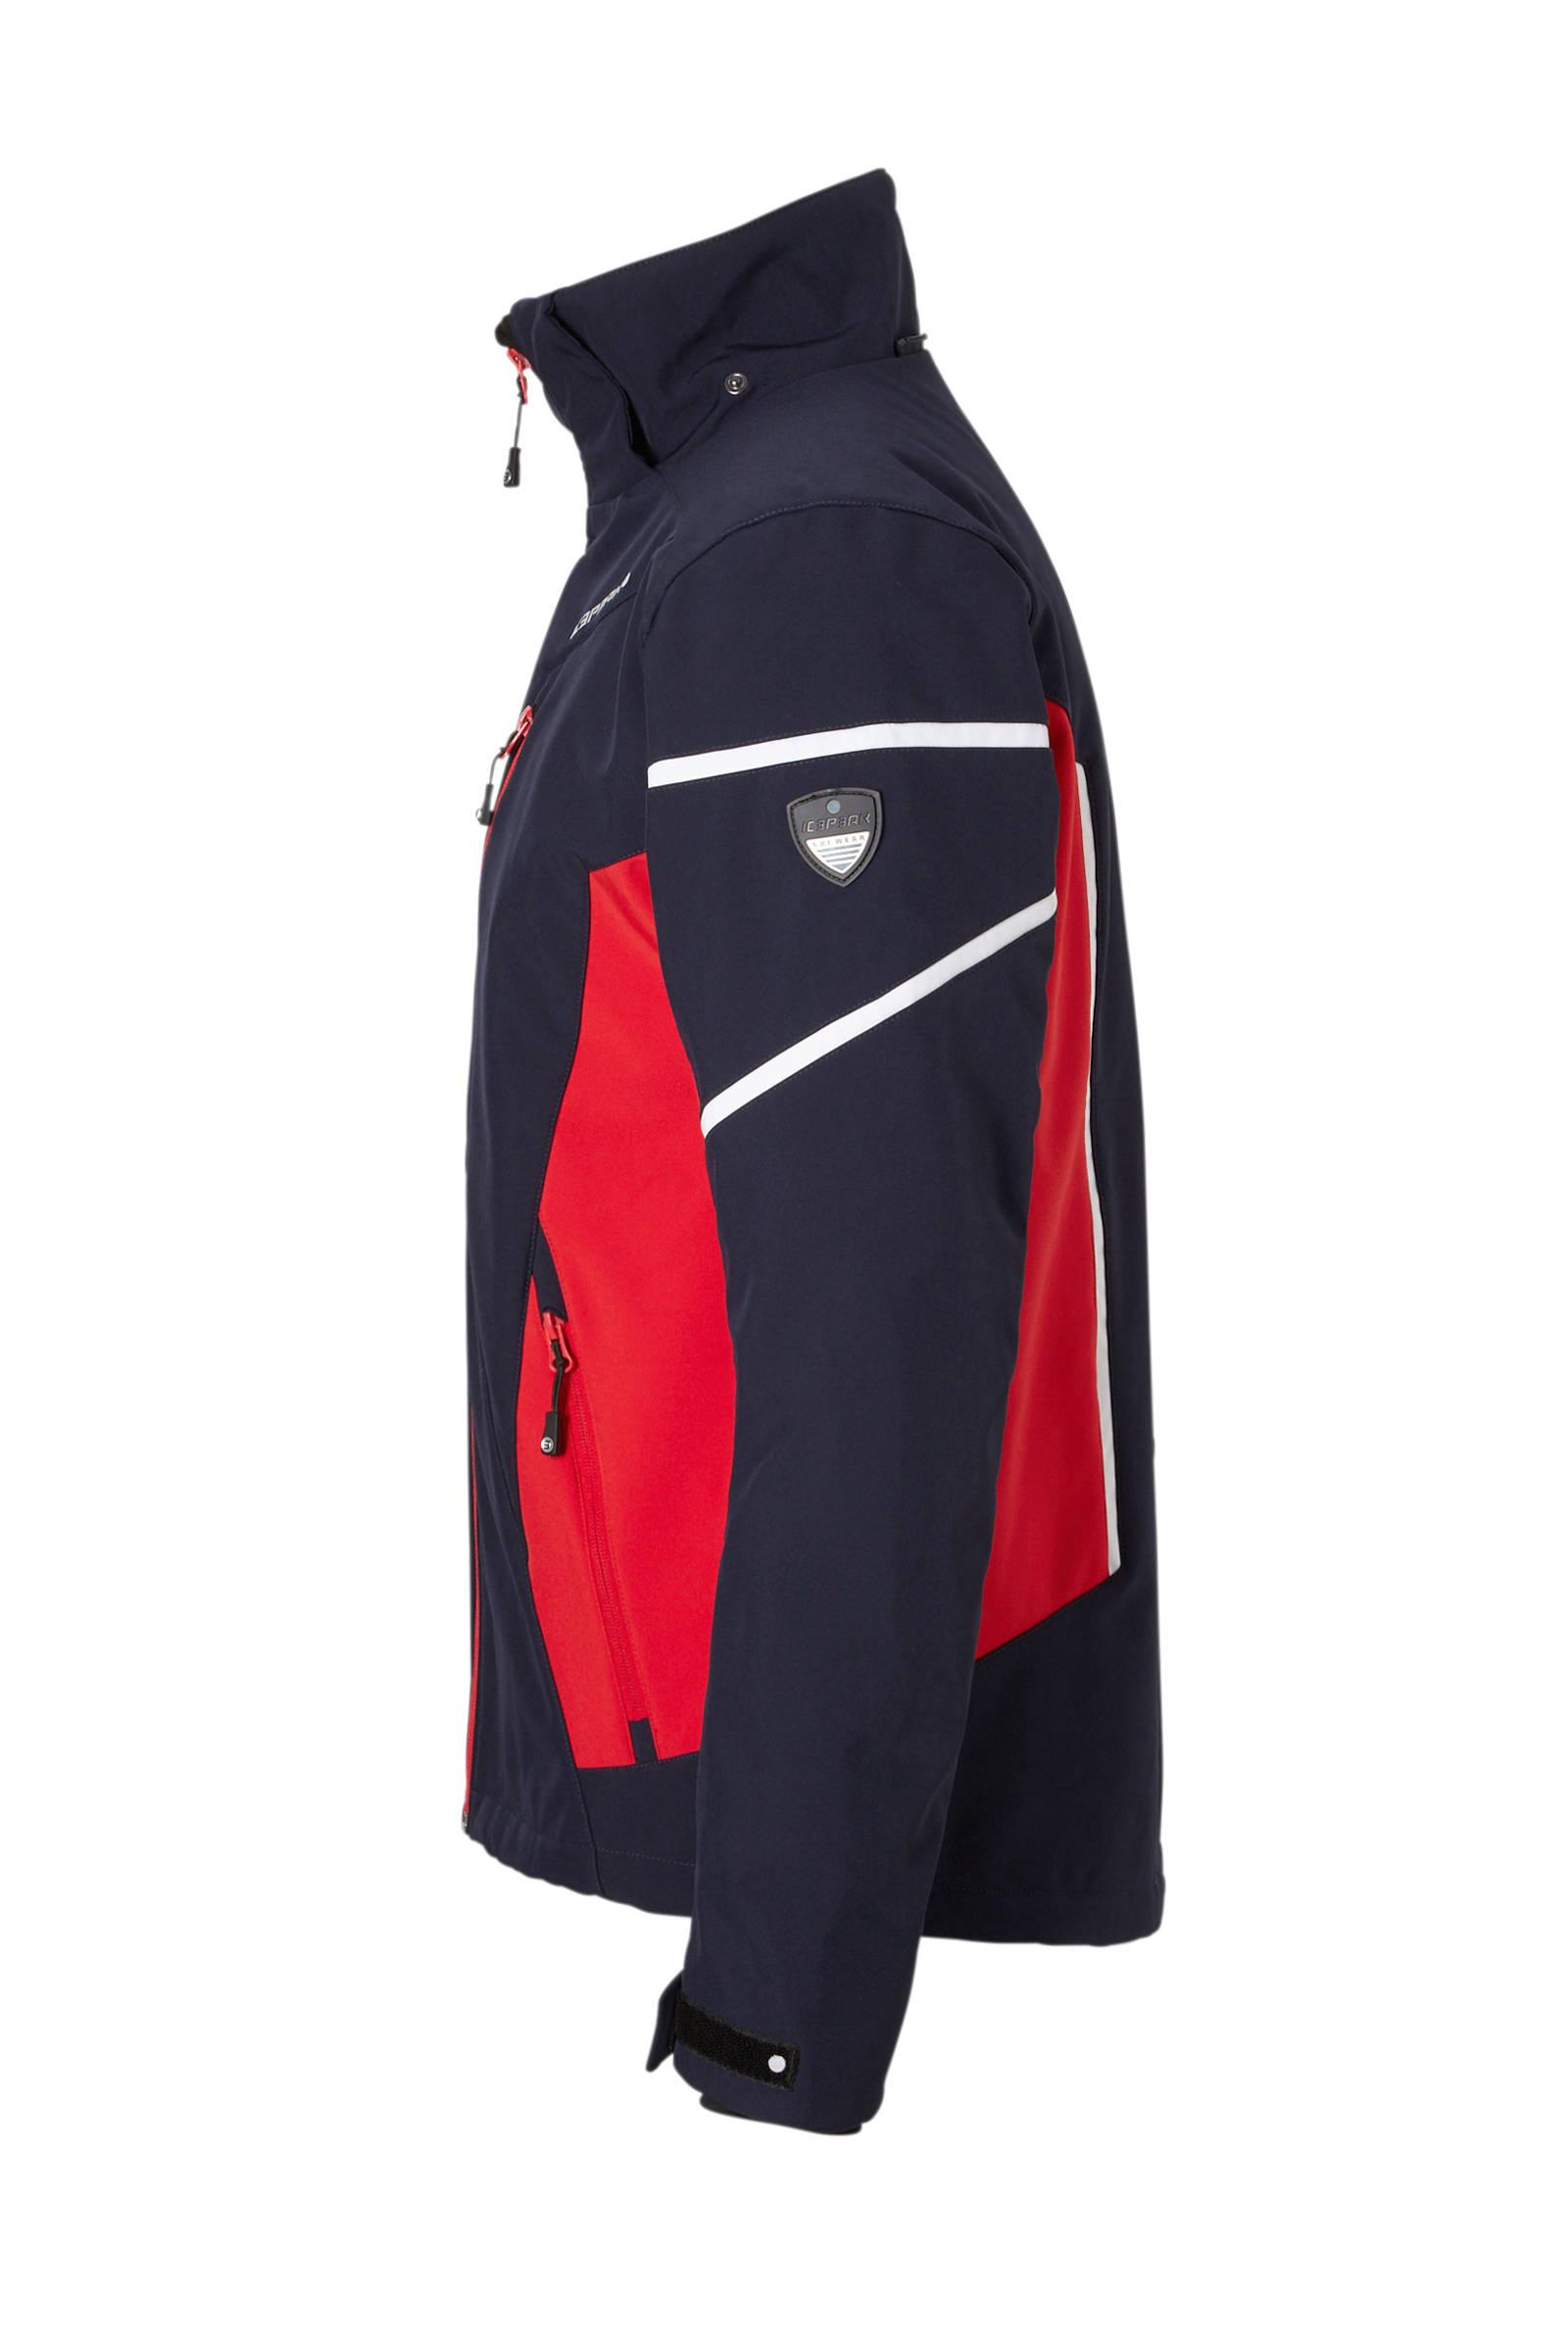 jack donkerblauw donkerblauw jack ski ski rood rood Icepeak ski rood Icepeak jack donkerblauw Icepeak qAAa65t